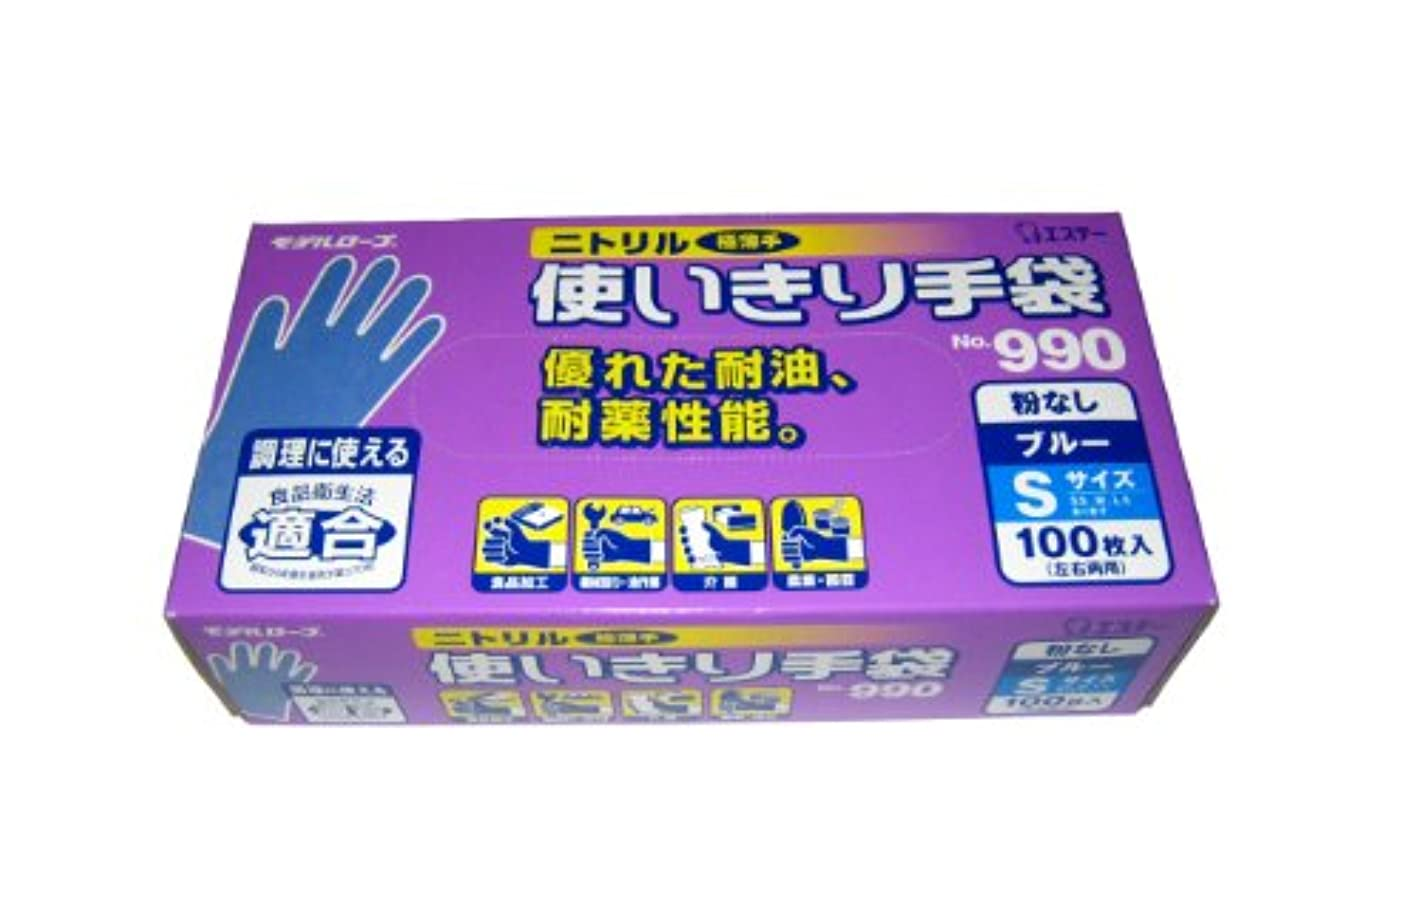 痛みアミューズメント重荷エステー ニトリル手袋 粉なし(100枚入)S ブルー No.990